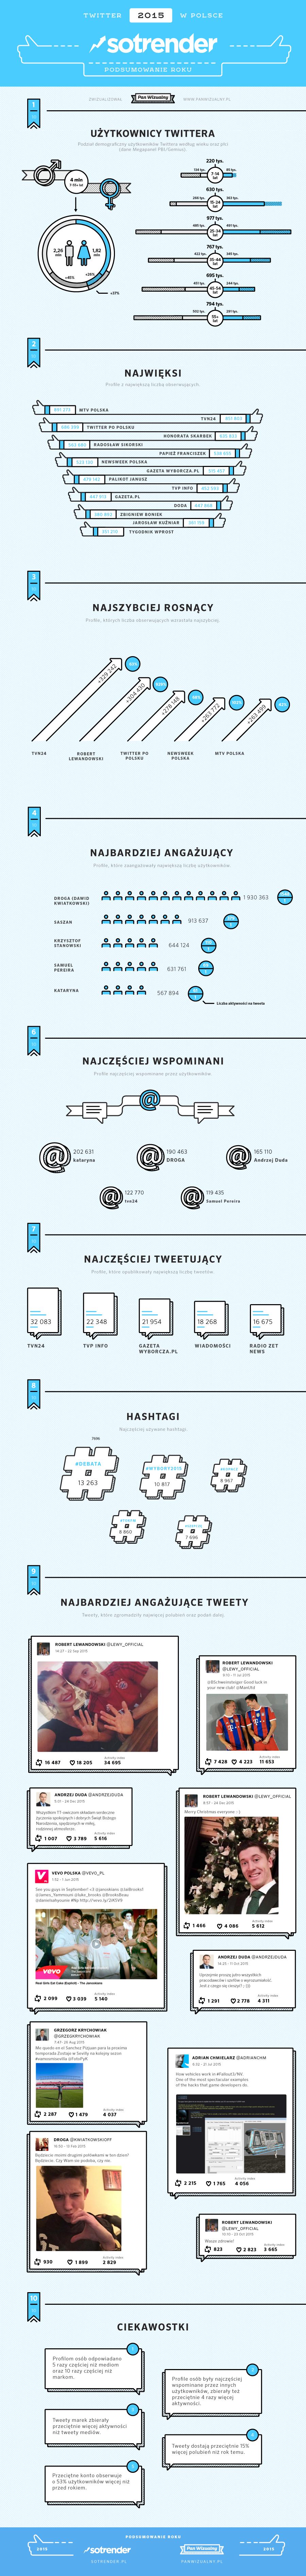 Podsumowanie 2015 roku na Twitterze przygotowane przez Sotrendera i panwizualny.pl